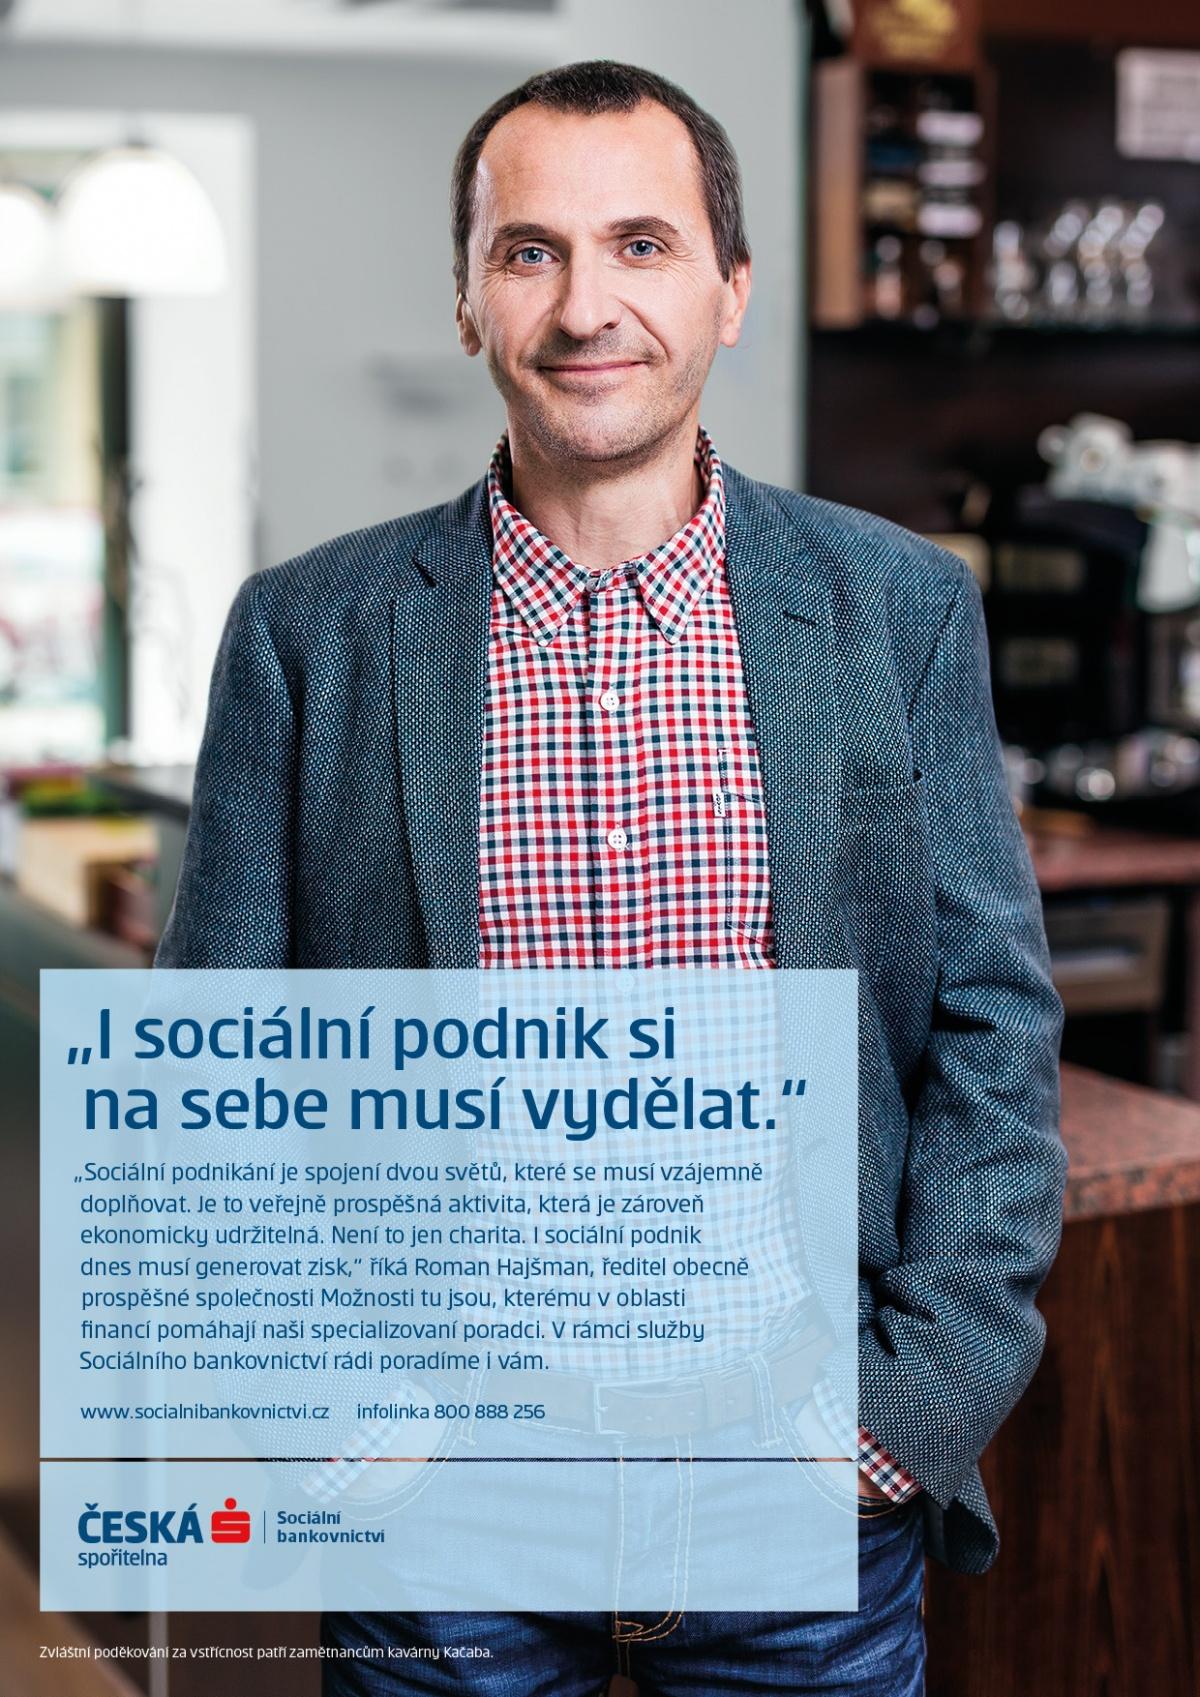 Sociální bankovnictví